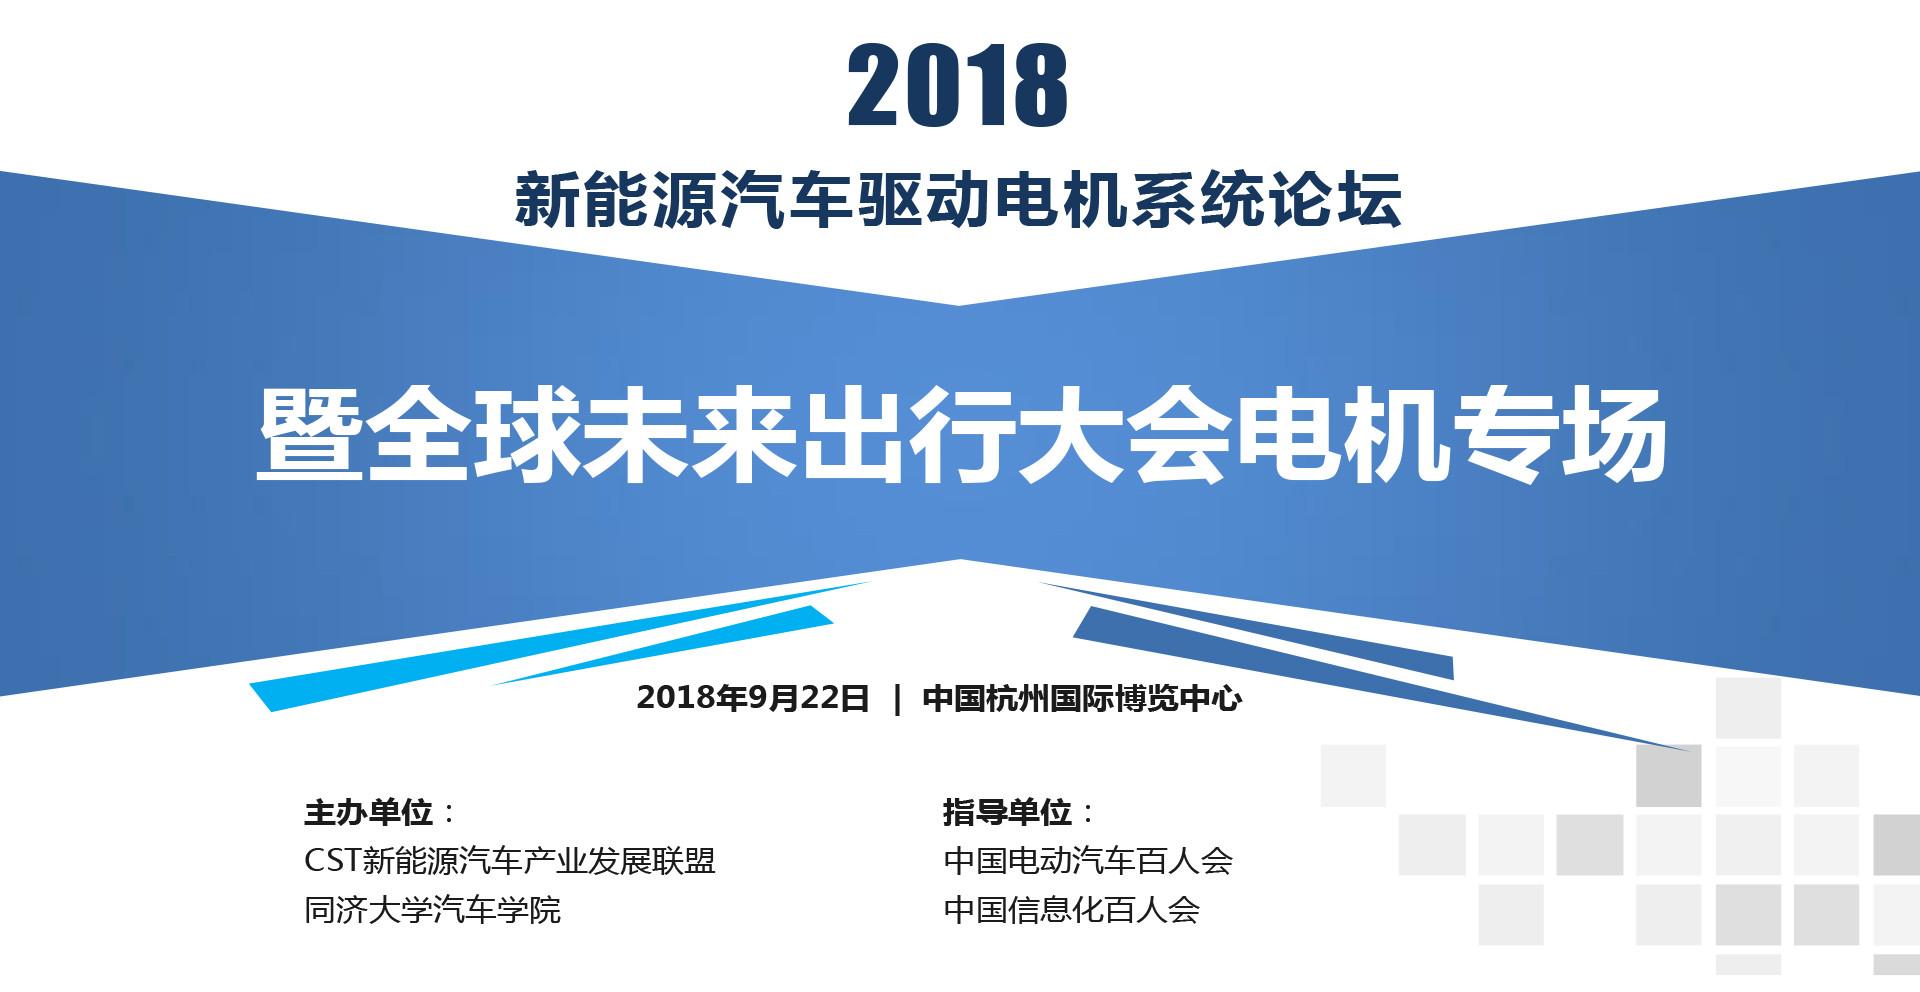 2018新能源汽车驱动电机系统论坛